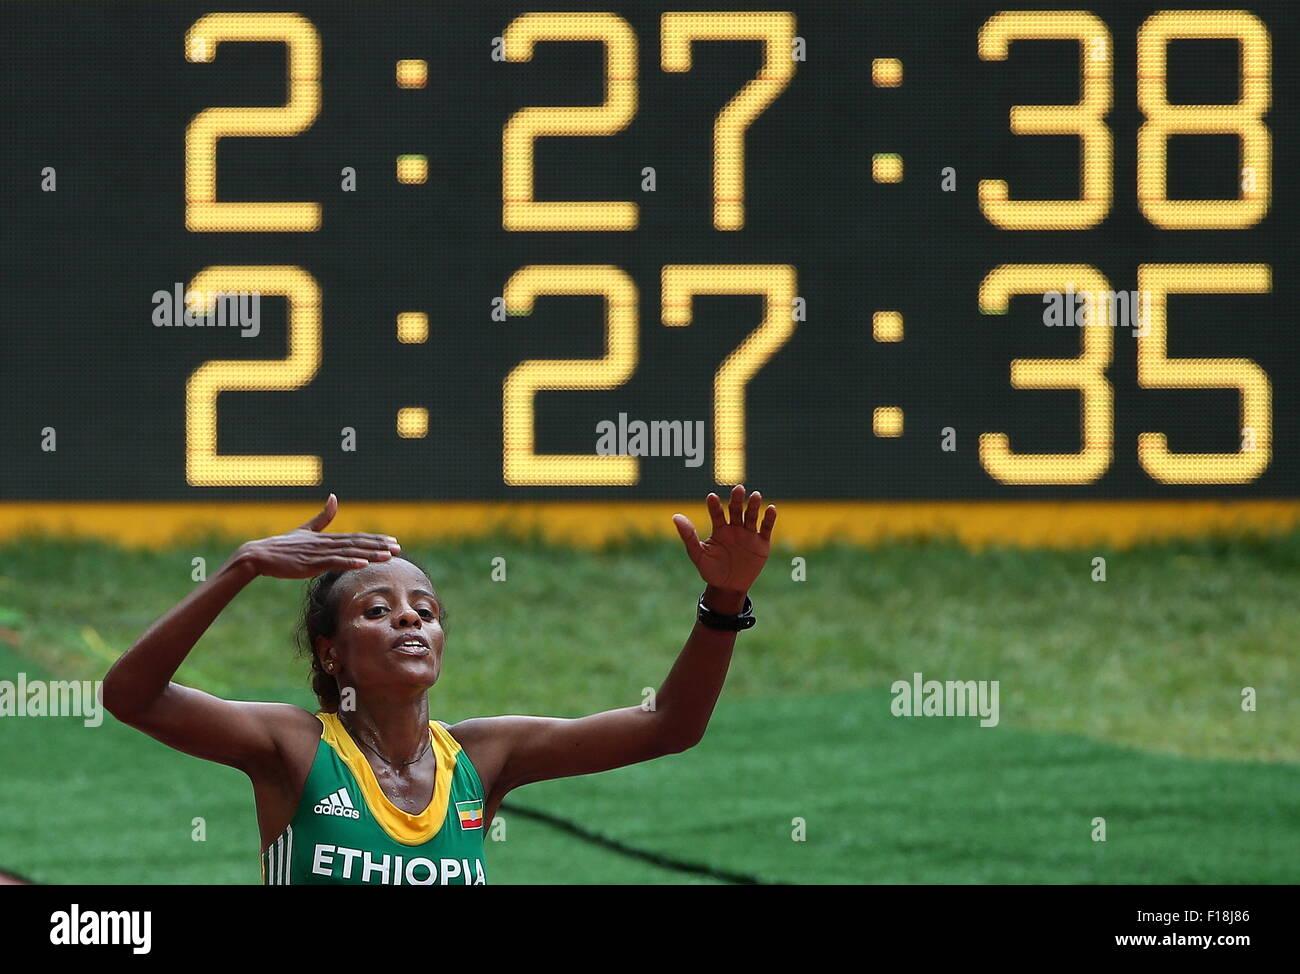 Beijing, China. 30 Aug, 2015. Etiopía Mare Dibaba gana una medalla de oro en el maratón femenino final Imagen De Stock